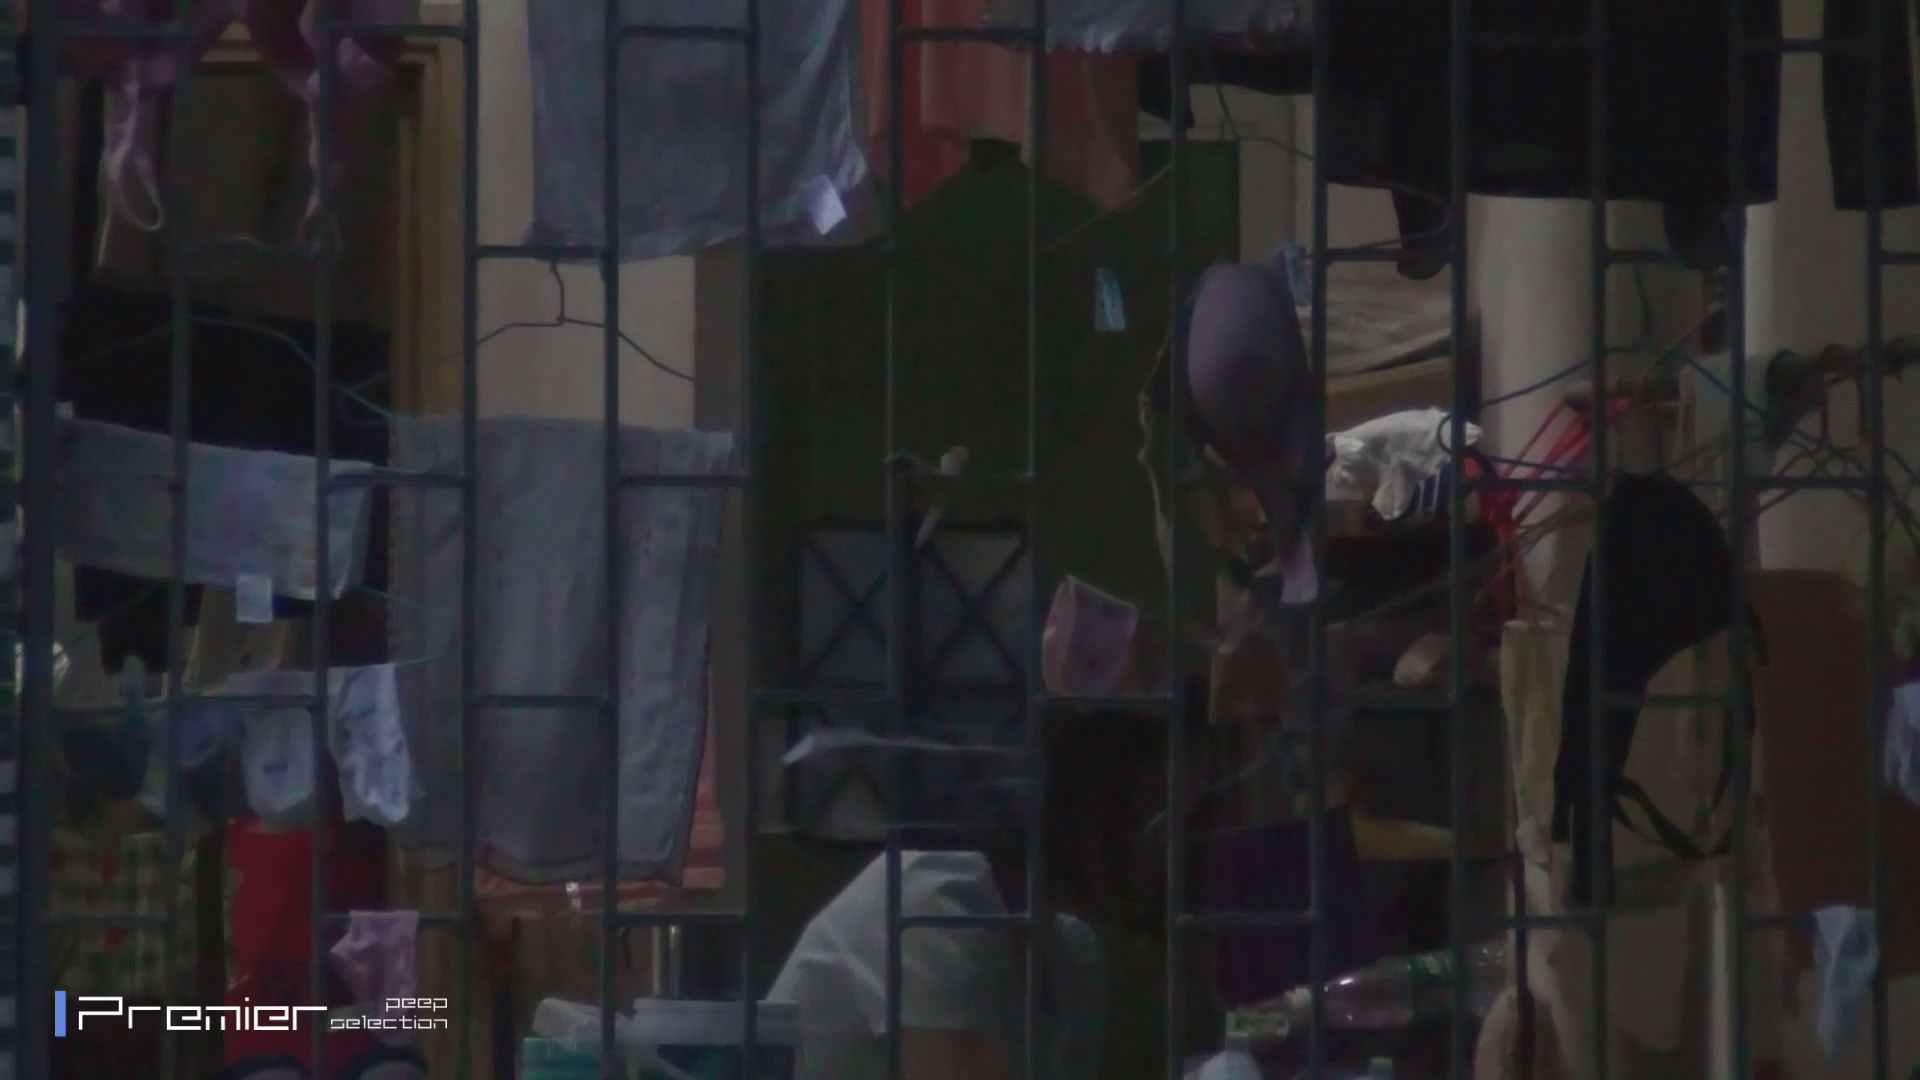 激撮り美女の洗顔シーン Vol.05 美女の痴態に密着! 盗撮大放出 ワレメ動画紹介 77連発 75